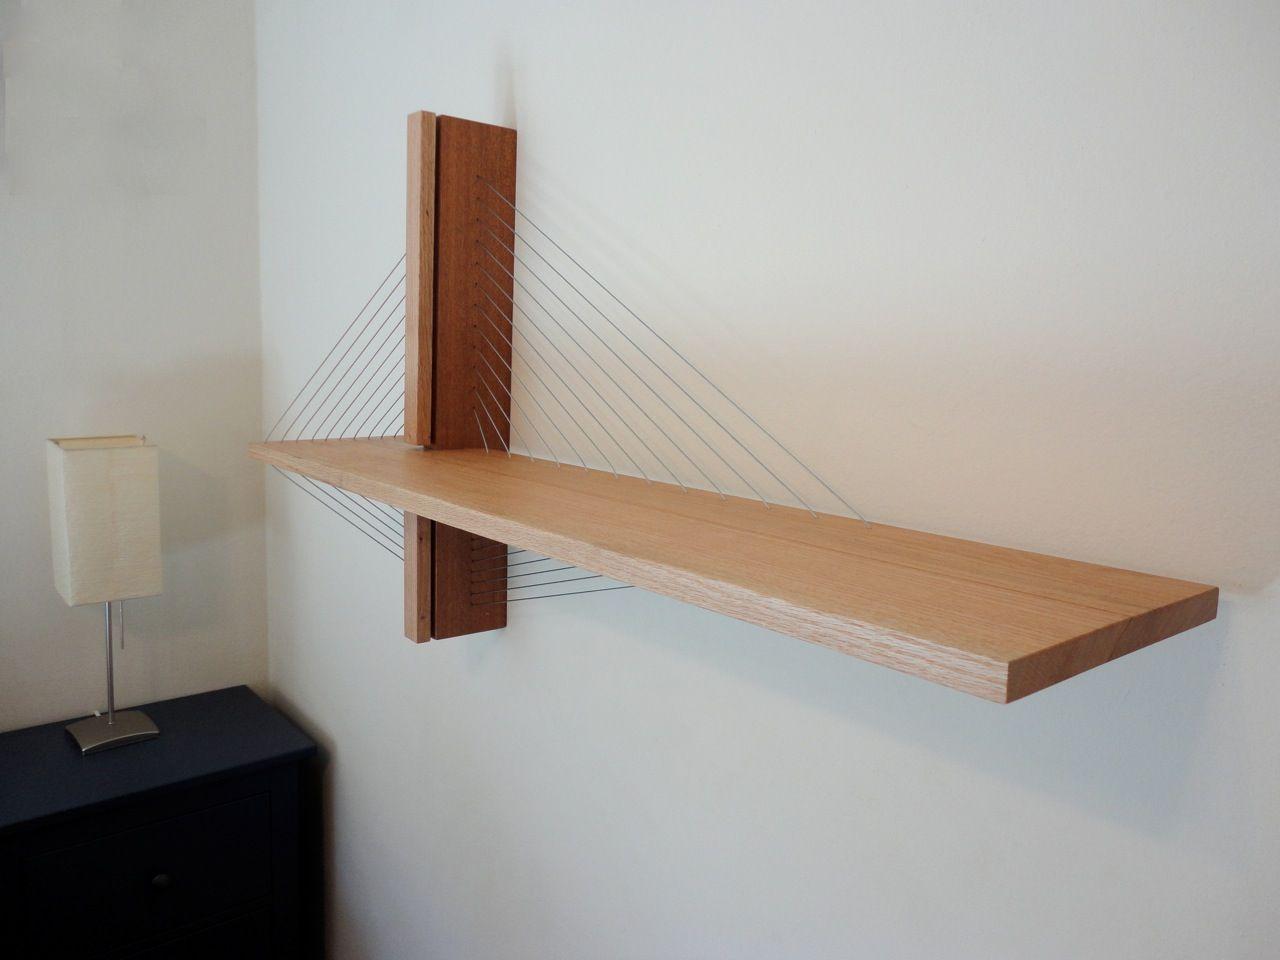 Suspension Shelf Robby Cuthbert Design Modern Floating Shelves Shelves Furniture